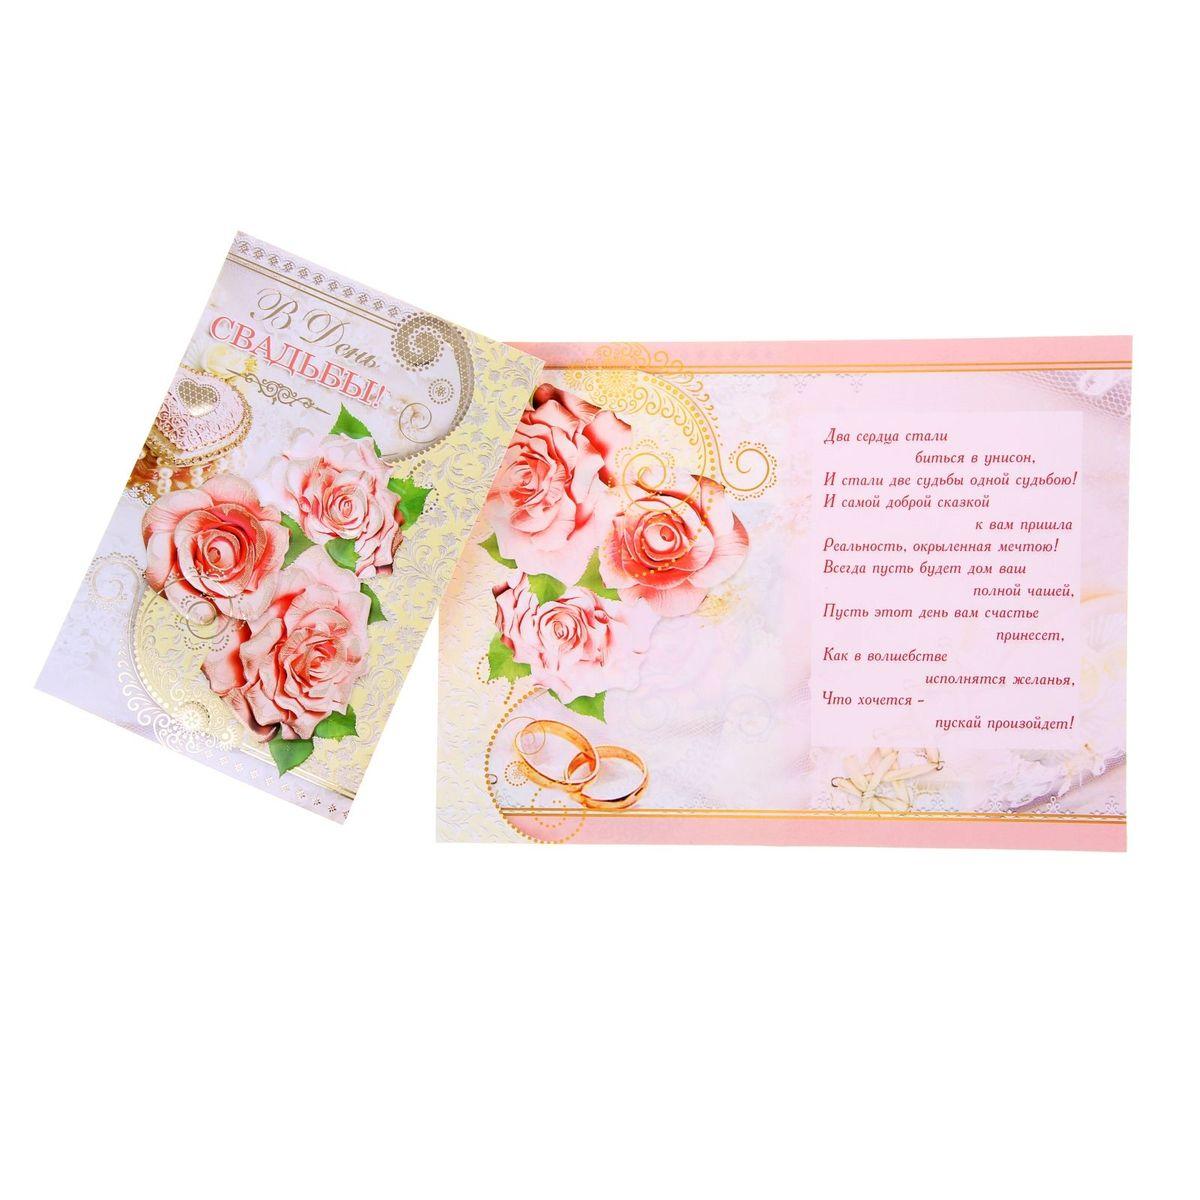 Открытка Sima-land В день свадьбы! Розы. 10970081097008Если вы хотите порадовать себя или близких, создать праздничное настроение и с улыбкой провести памятный день, то вы, несомненно, сделали правильный выбор! Открытка Sima-land В день свадьбы! Розы, выполненная из плотной бумаги, отличается не только оригинальным дизайном, но и высоким качеством. Лицевая сторона изделия оформлена ярким изображением. Внутри открытка содержит текст с поздравлением. Такая открытка непременно порадует получателя и станет отличным напоминанием о проведенном вместе времени.